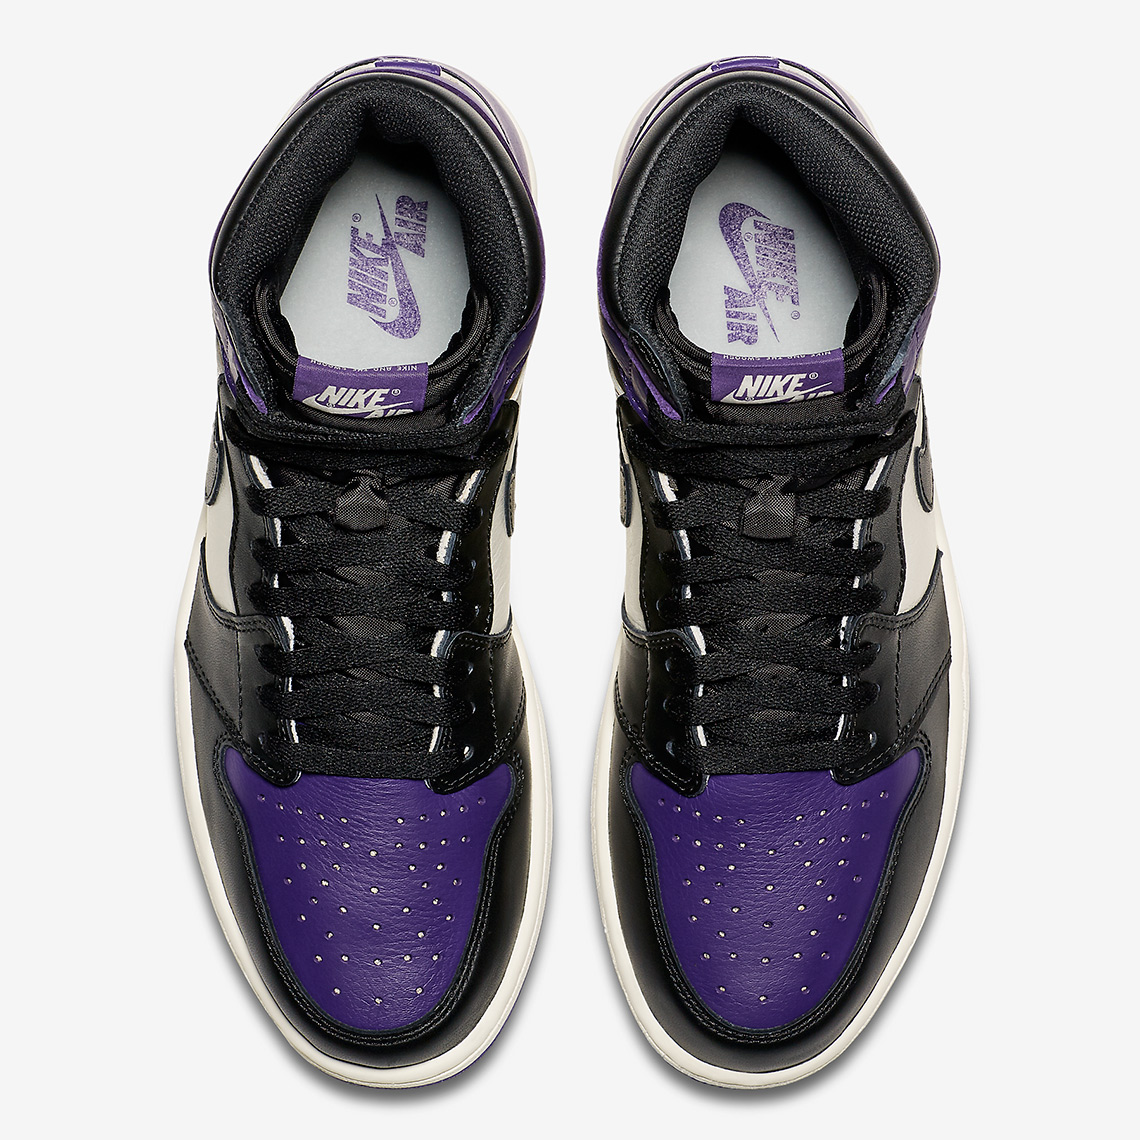 3c07c948596a7e Air Jordan 1 Court Purple Photos + Unboxing